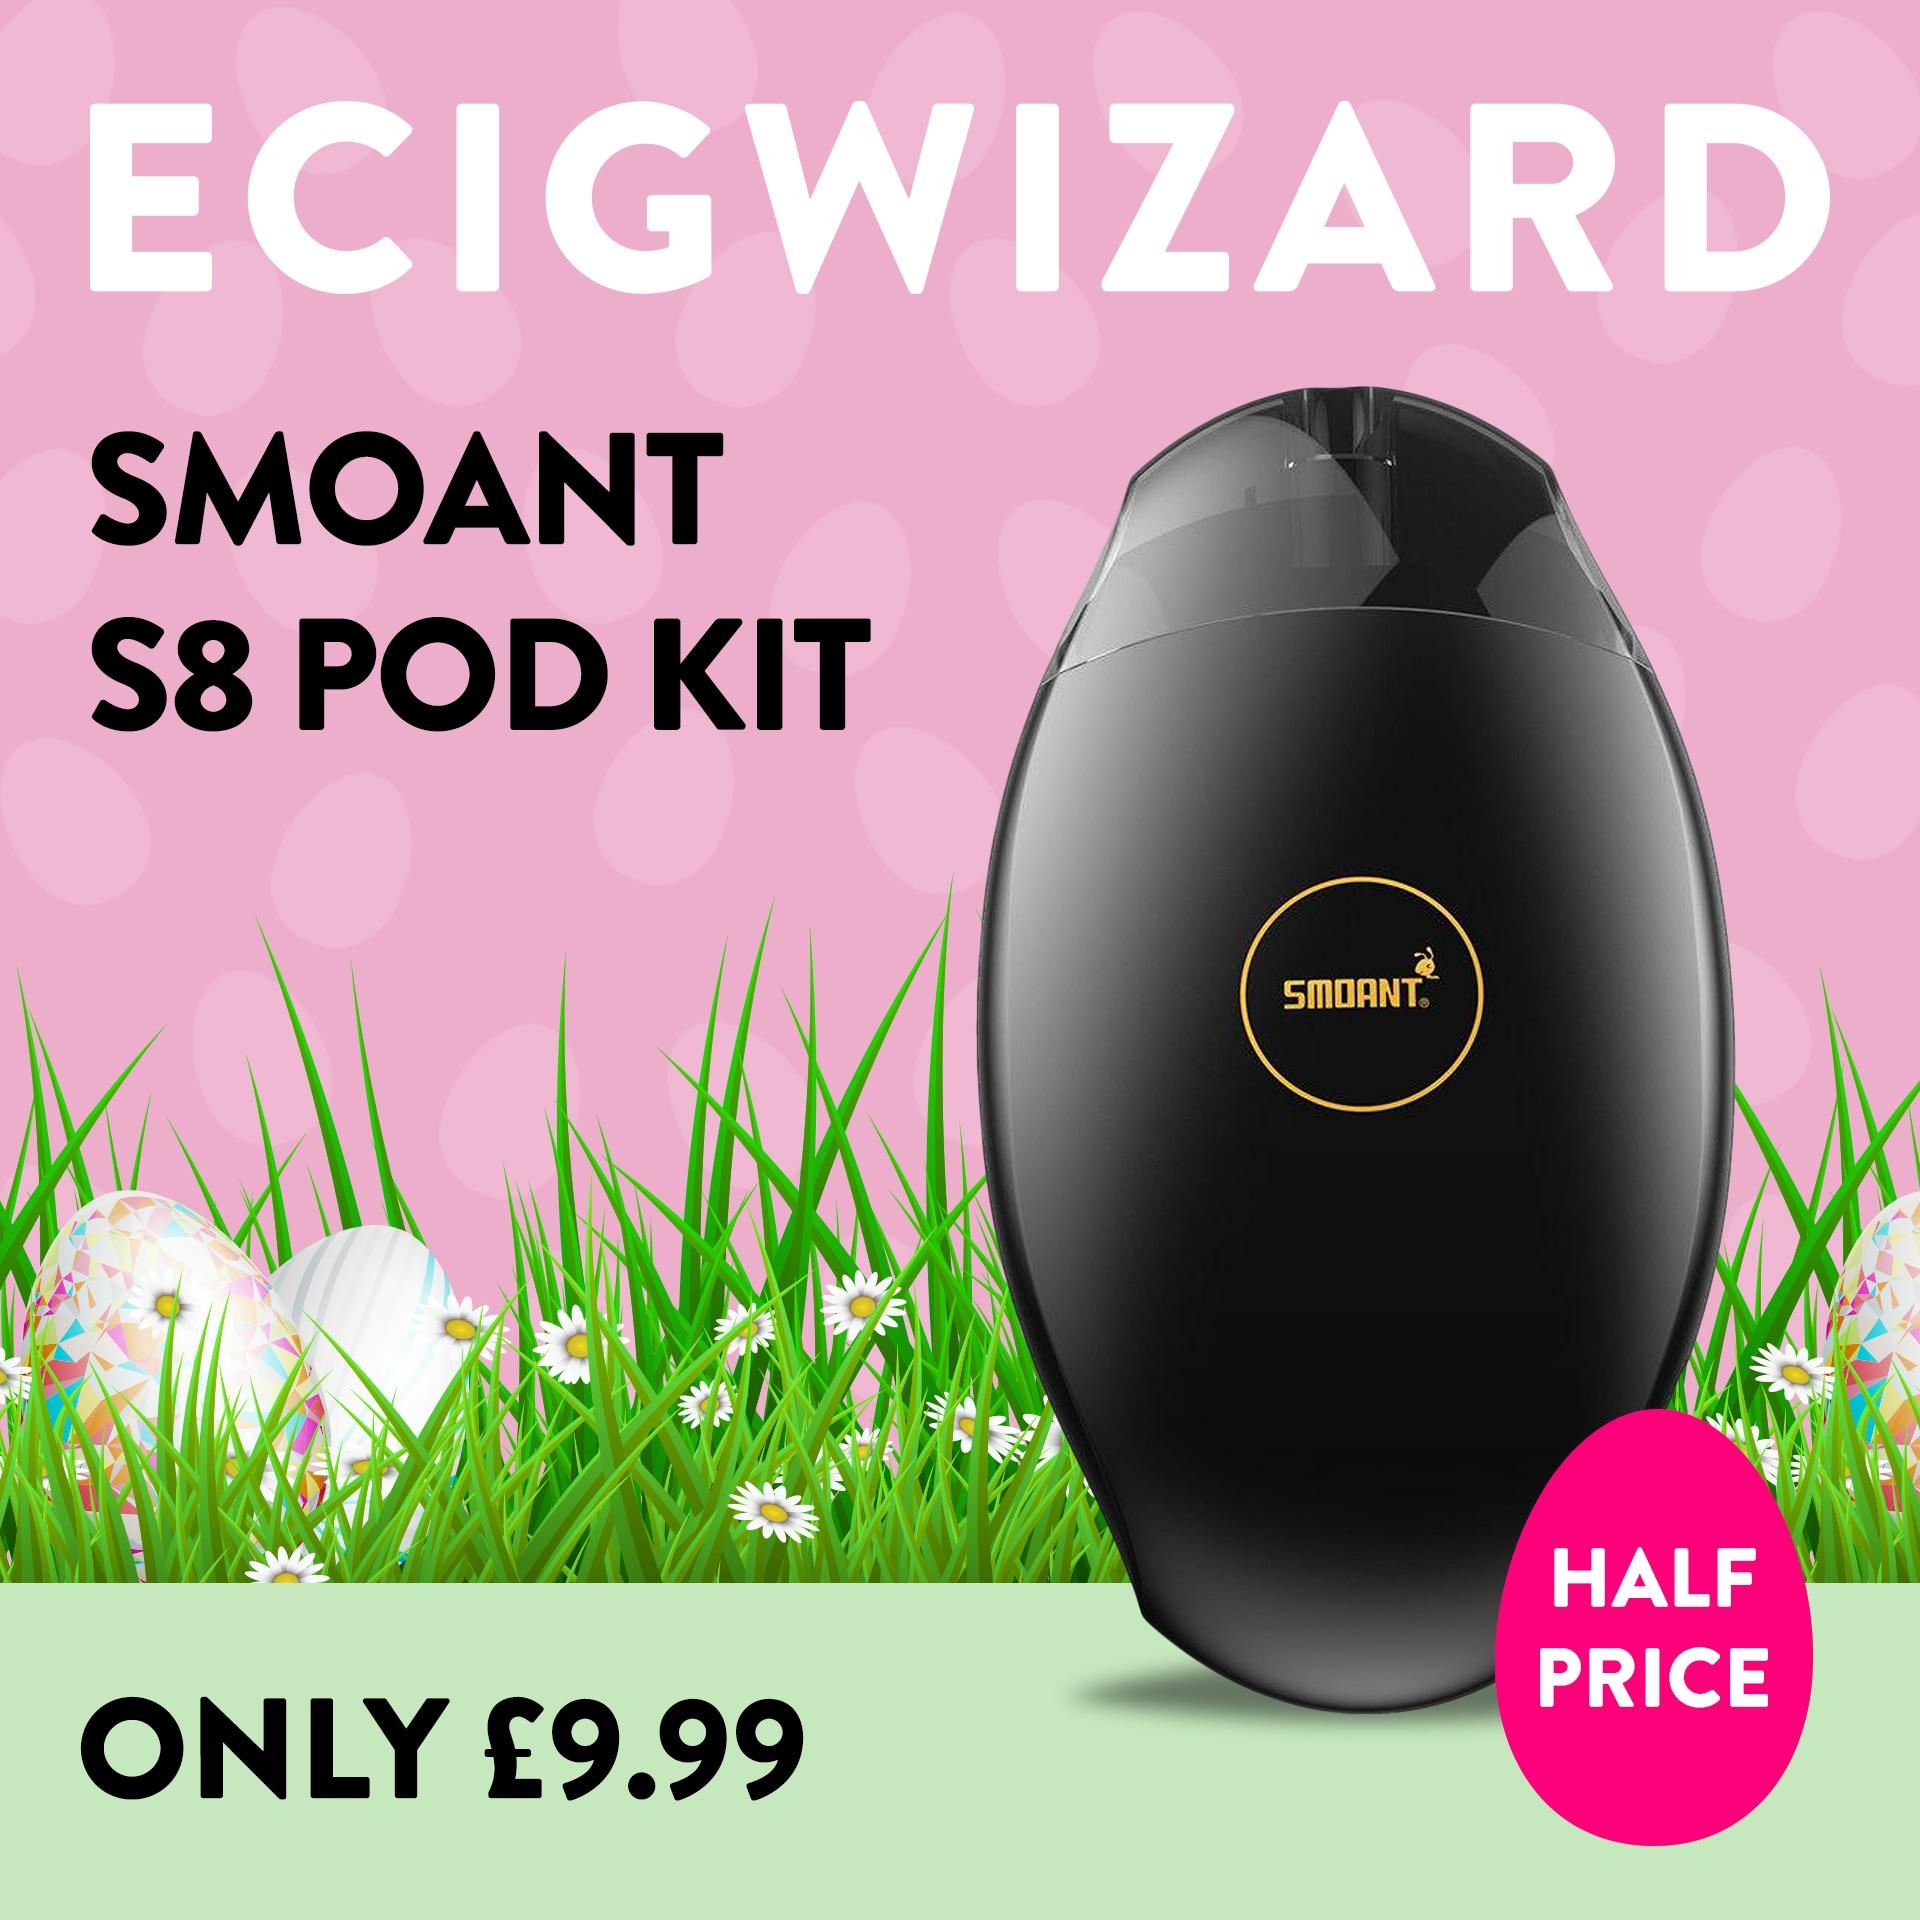 Smoant S8 Pod Kit – £9.99